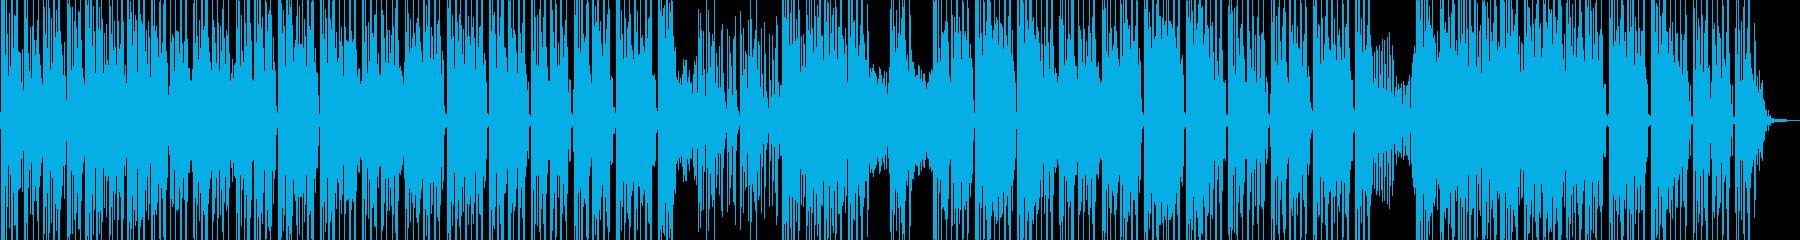 エジプト・エスニックR&Bポップ Lの再生済みの波形